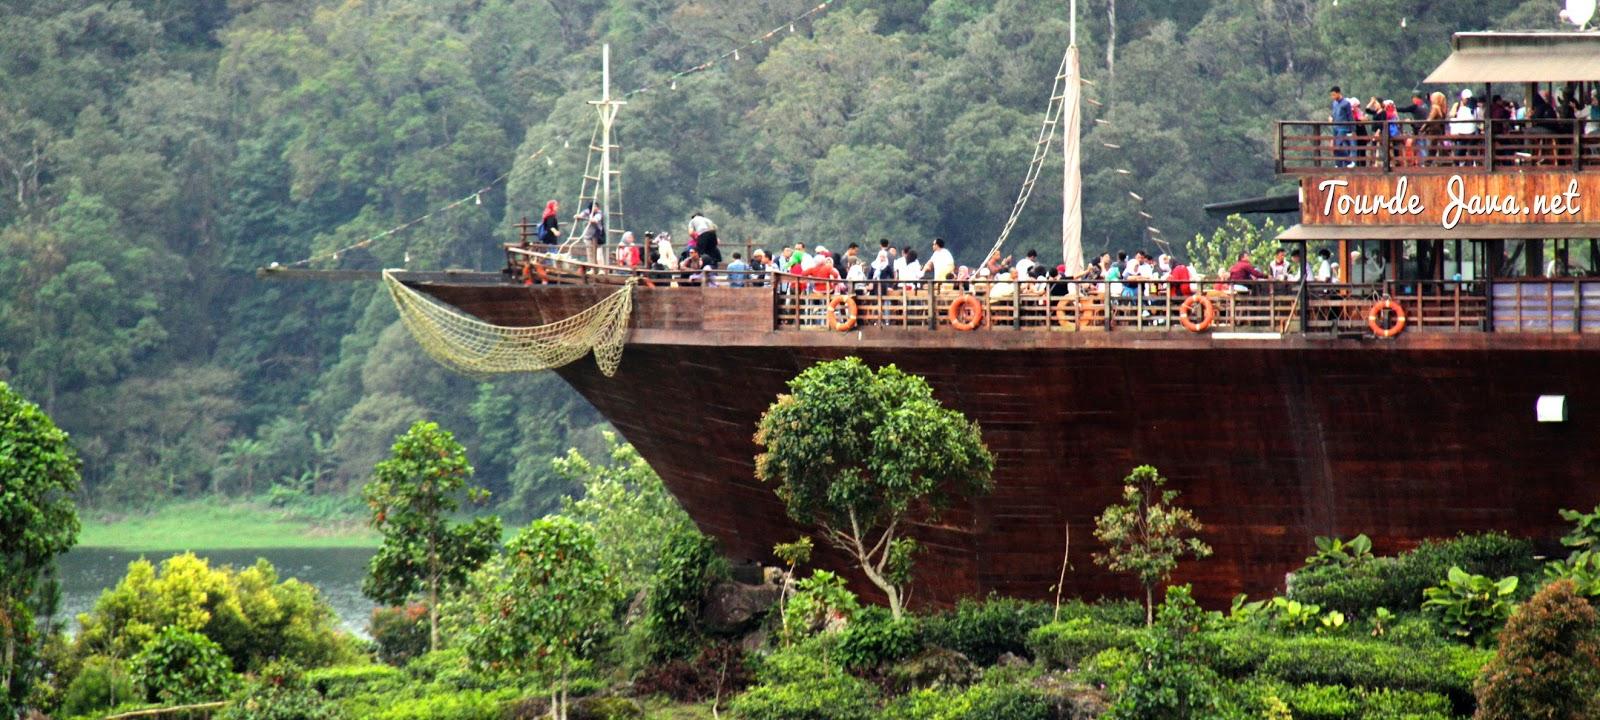 Paket Wisata Kota Bandung Selatan - One Day City Tour  Wisata